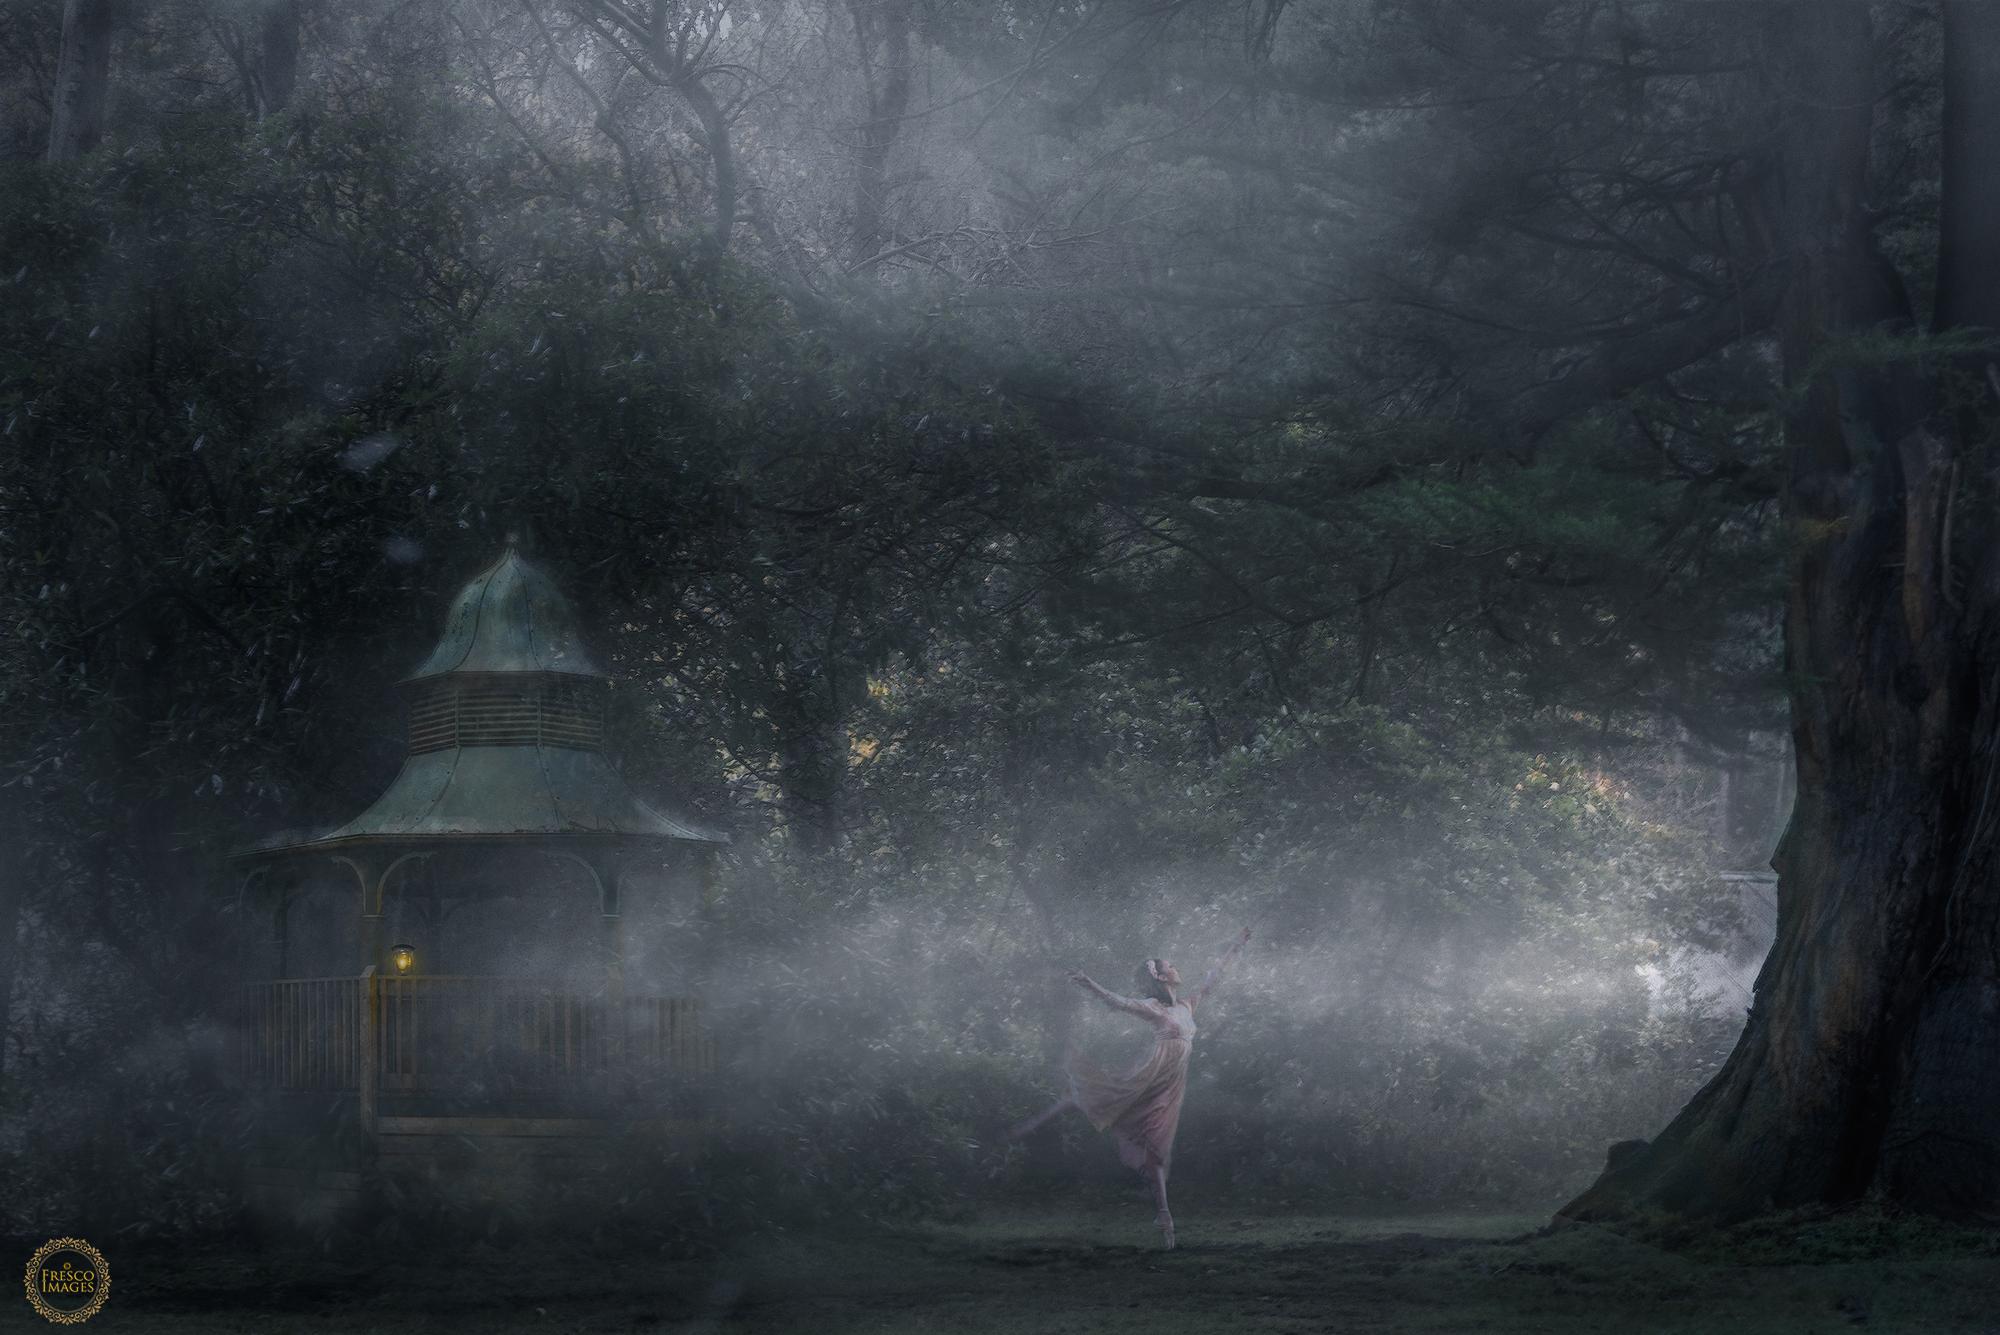 'Ballet in the Mist'